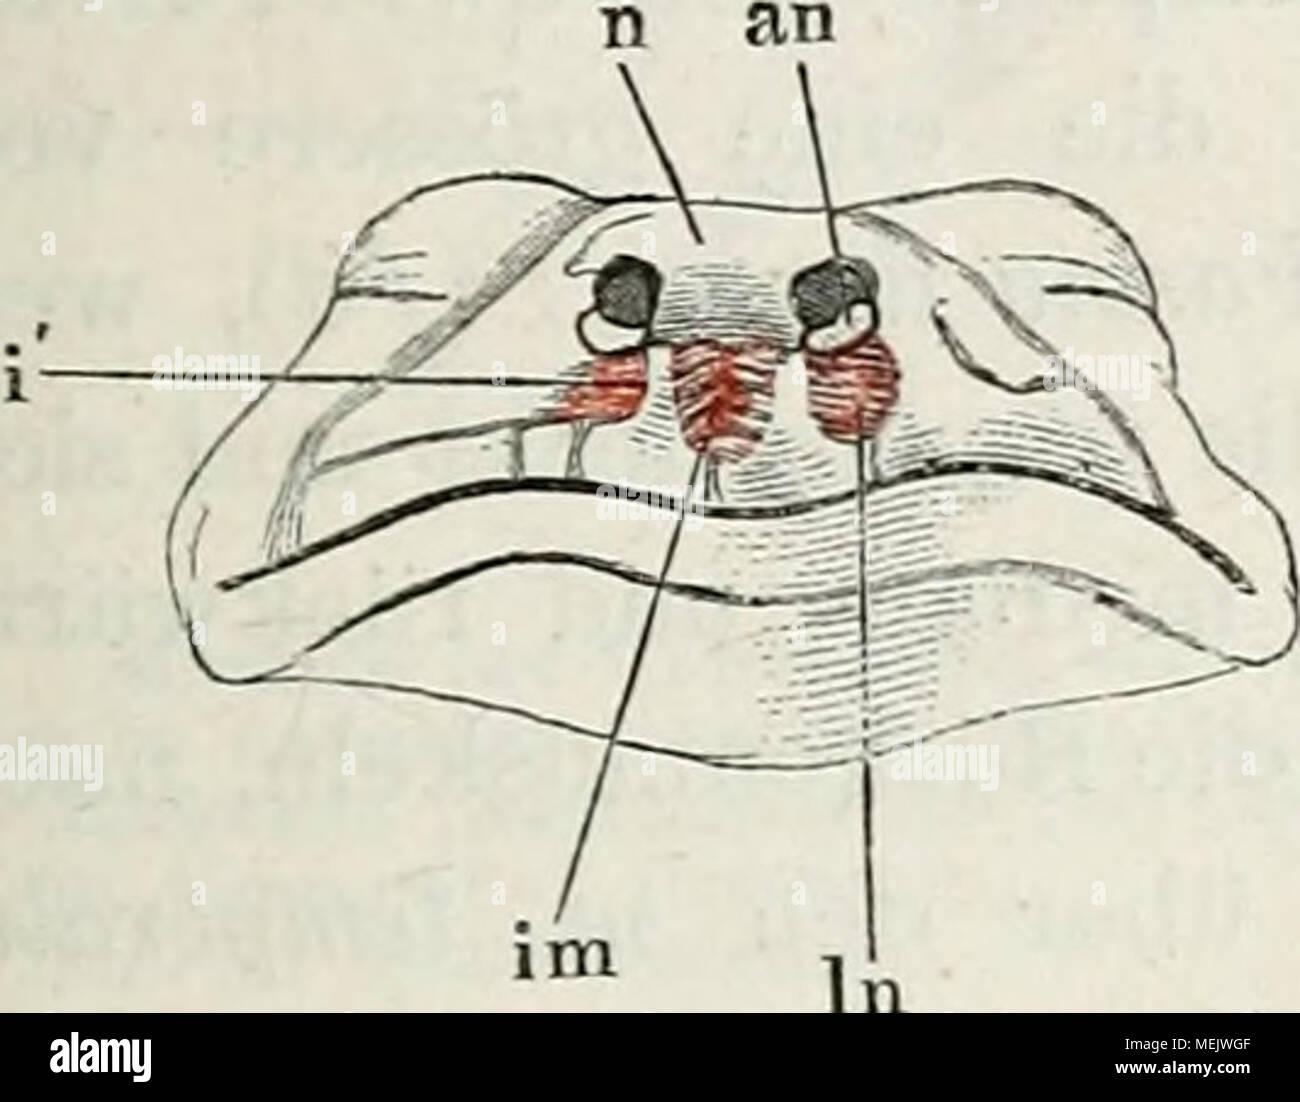 Schön Nasengang Anatomie Ideen - Menschliche Anatomie Bilder ...